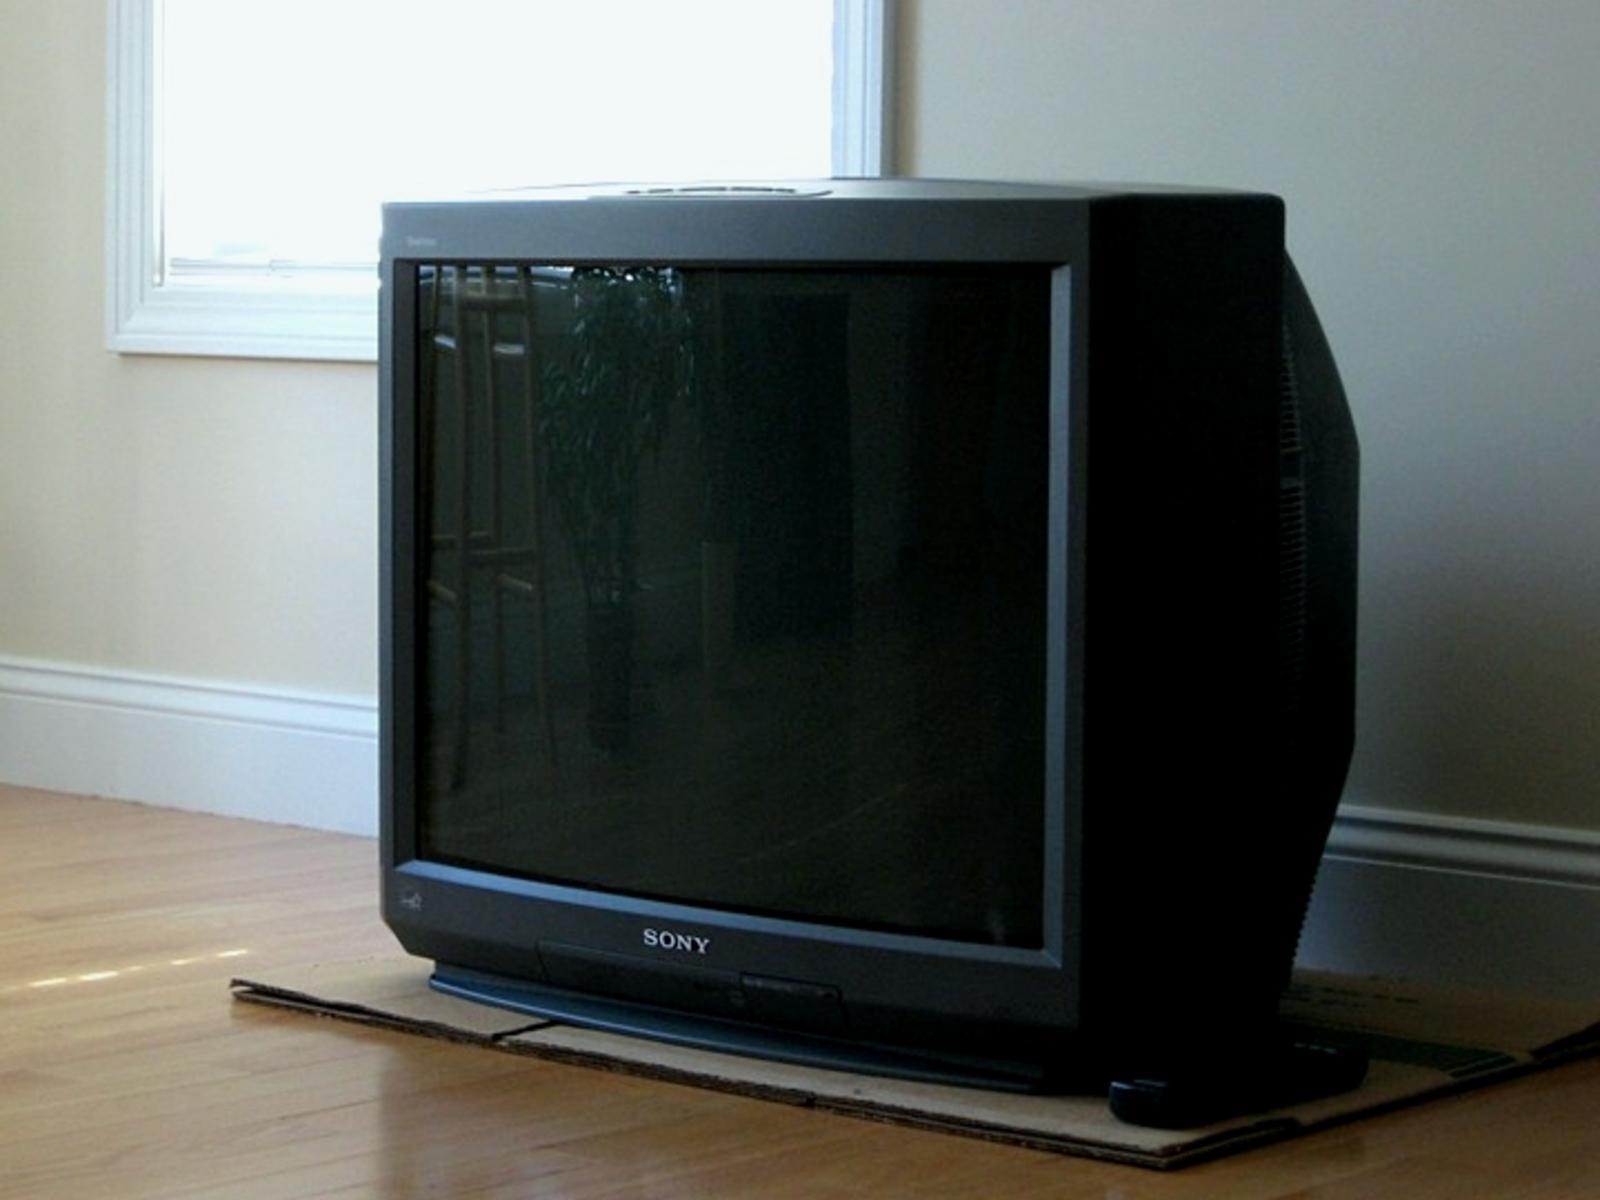 Телевизор Sony Trinitron / соцсети